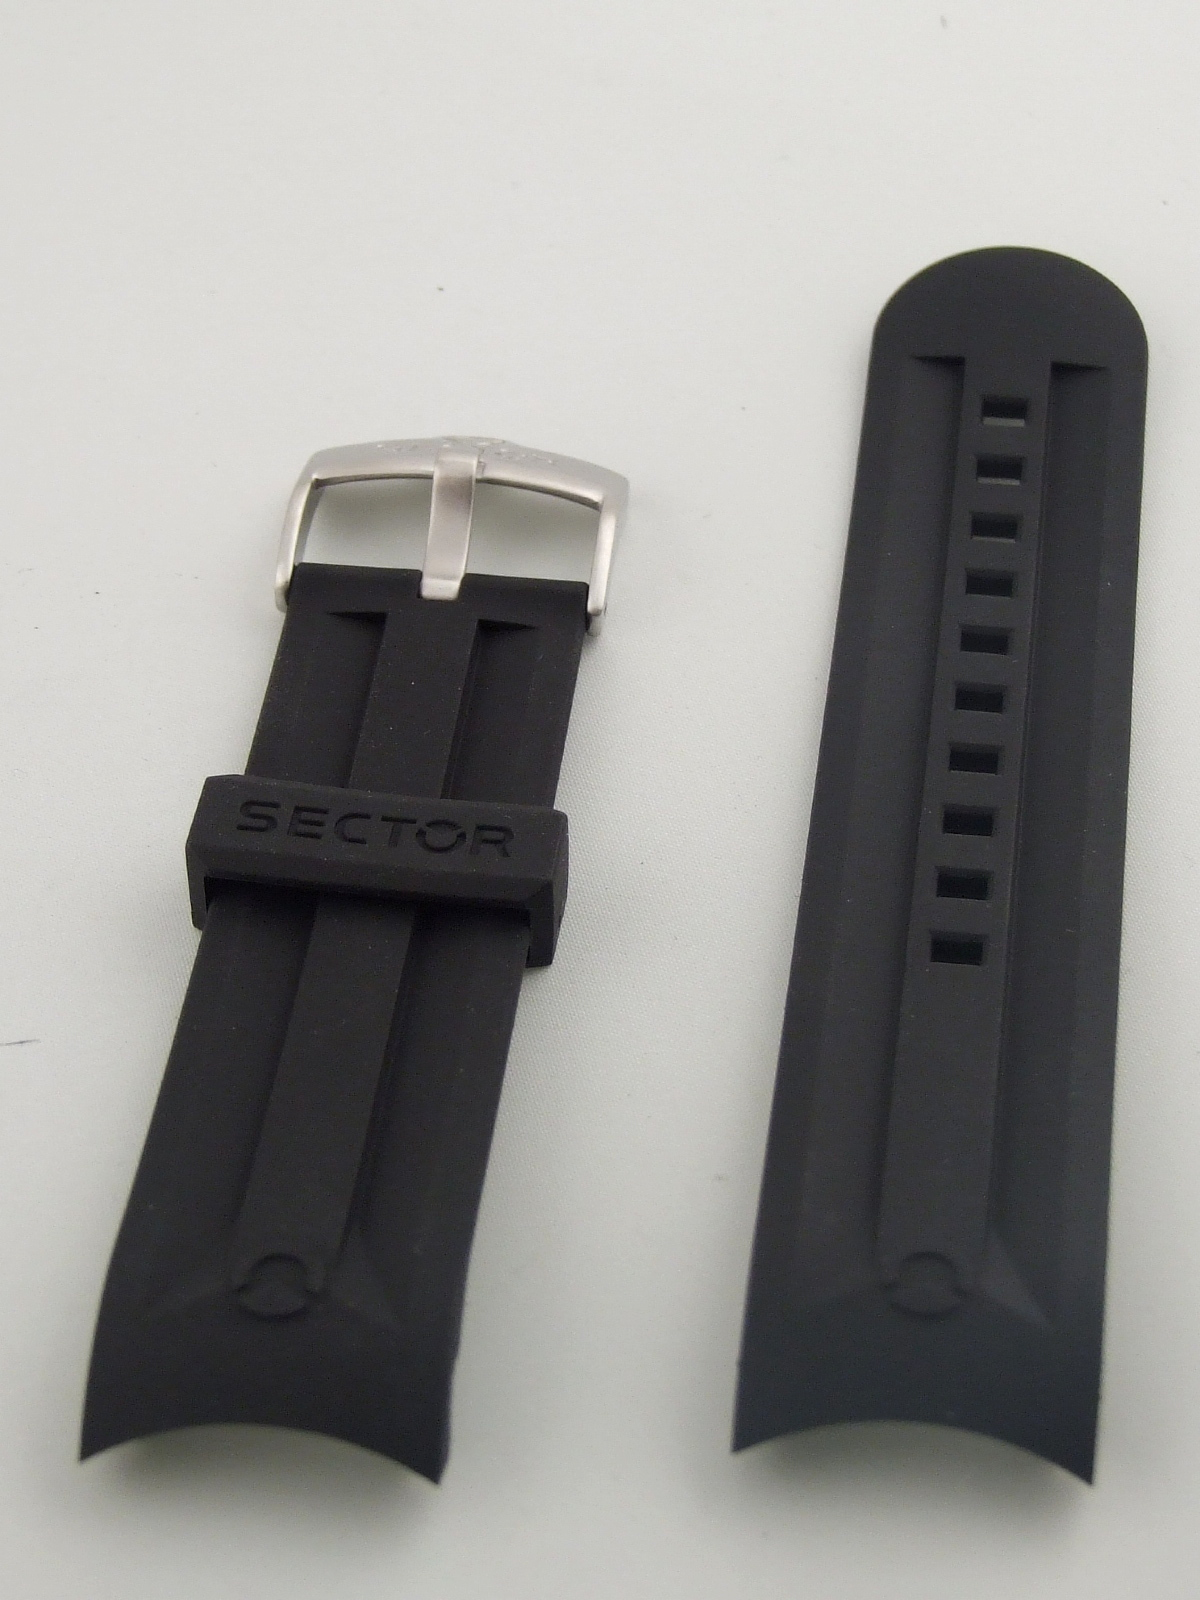 Cinturino 24 mm per orologio sector dive master o mountain master ebay - Sector dive master istruzioni ...